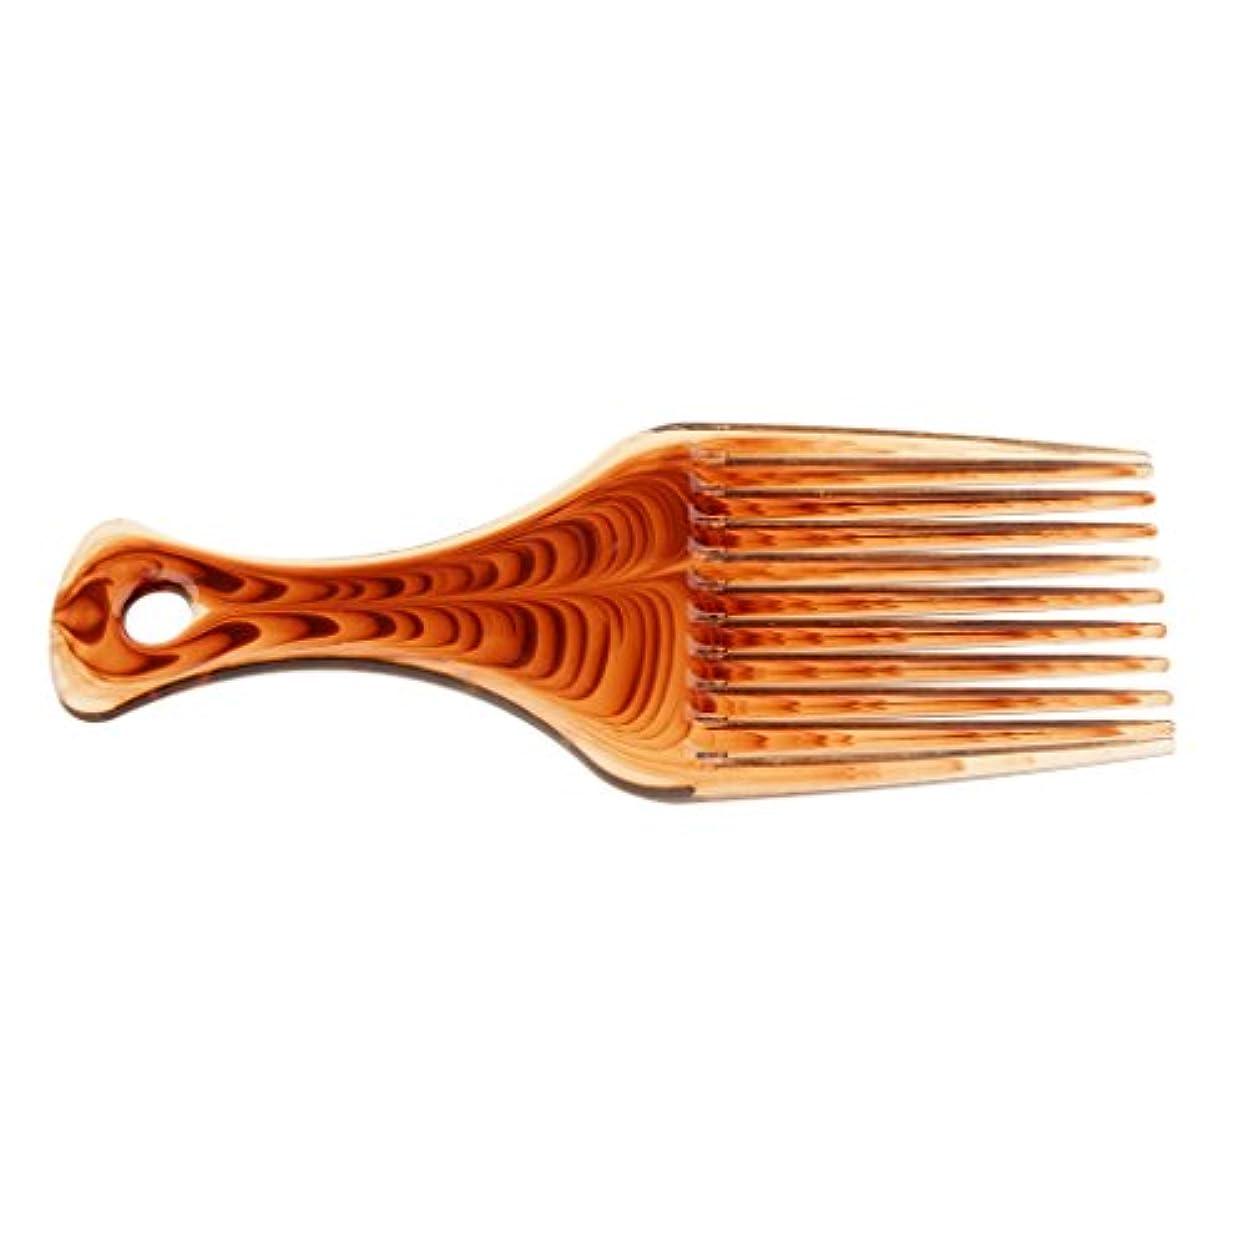 名誉漏れ居心地の良いヘアブラシ 髪の櫛 プラスチック製 サロン バリバー アフロ ヘアピック ブラシ 櫛